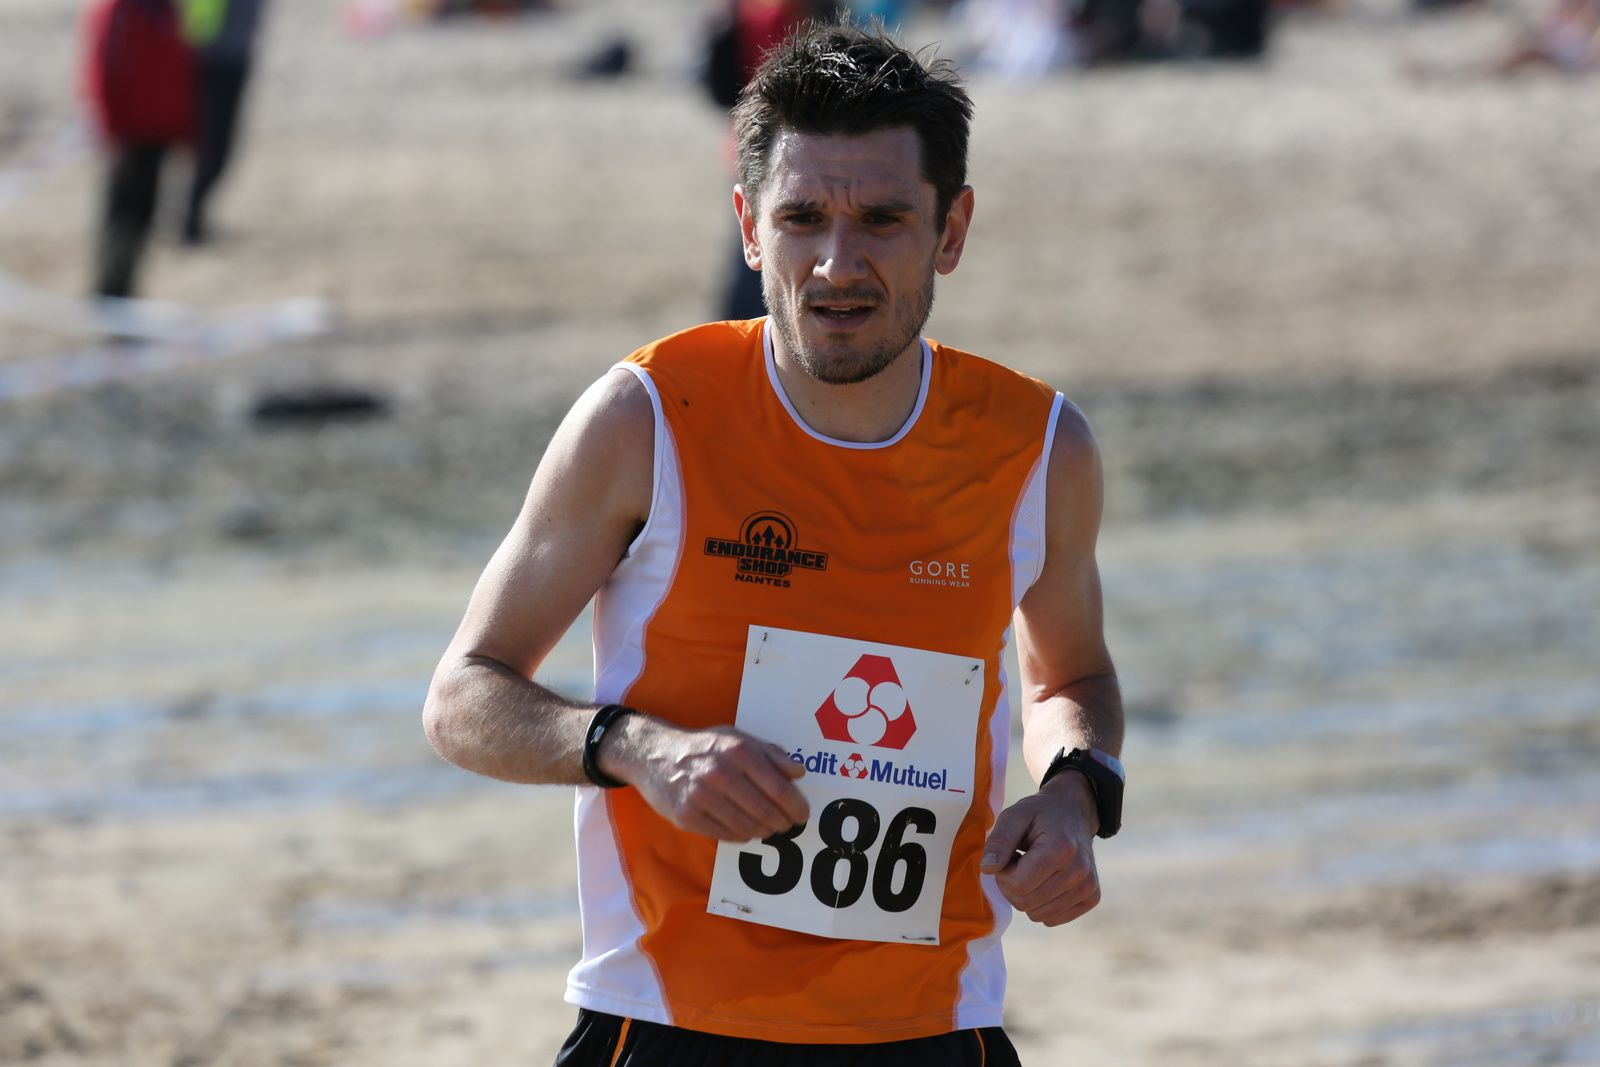 Les photos de la course des 2 plages à Brétignolles